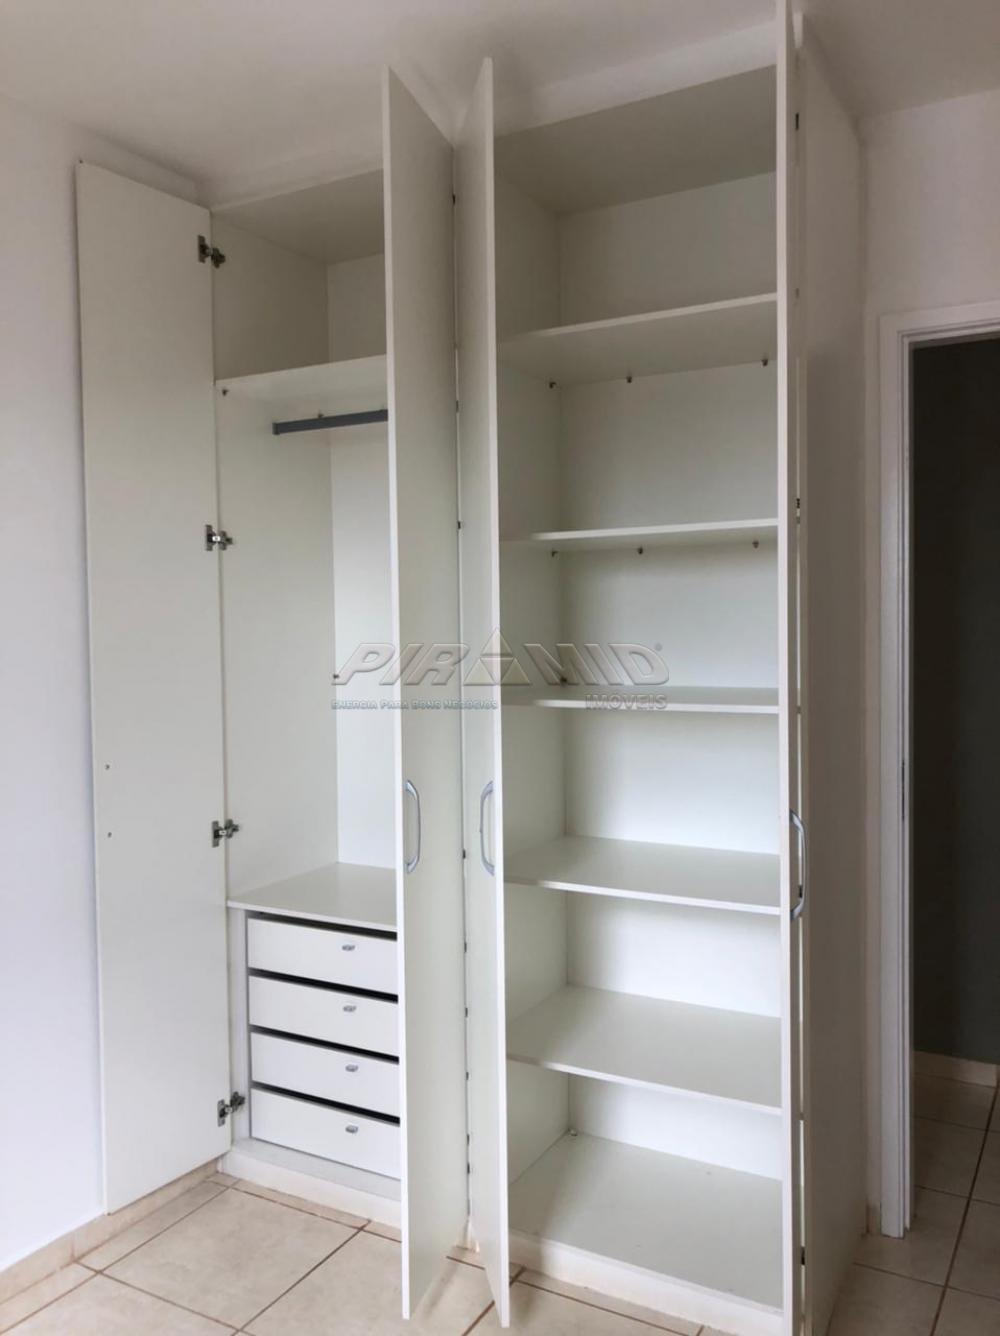 Comprar Apartamento / Padrão em Ribeirão Preto R$ 195.000,00 - Foto 11